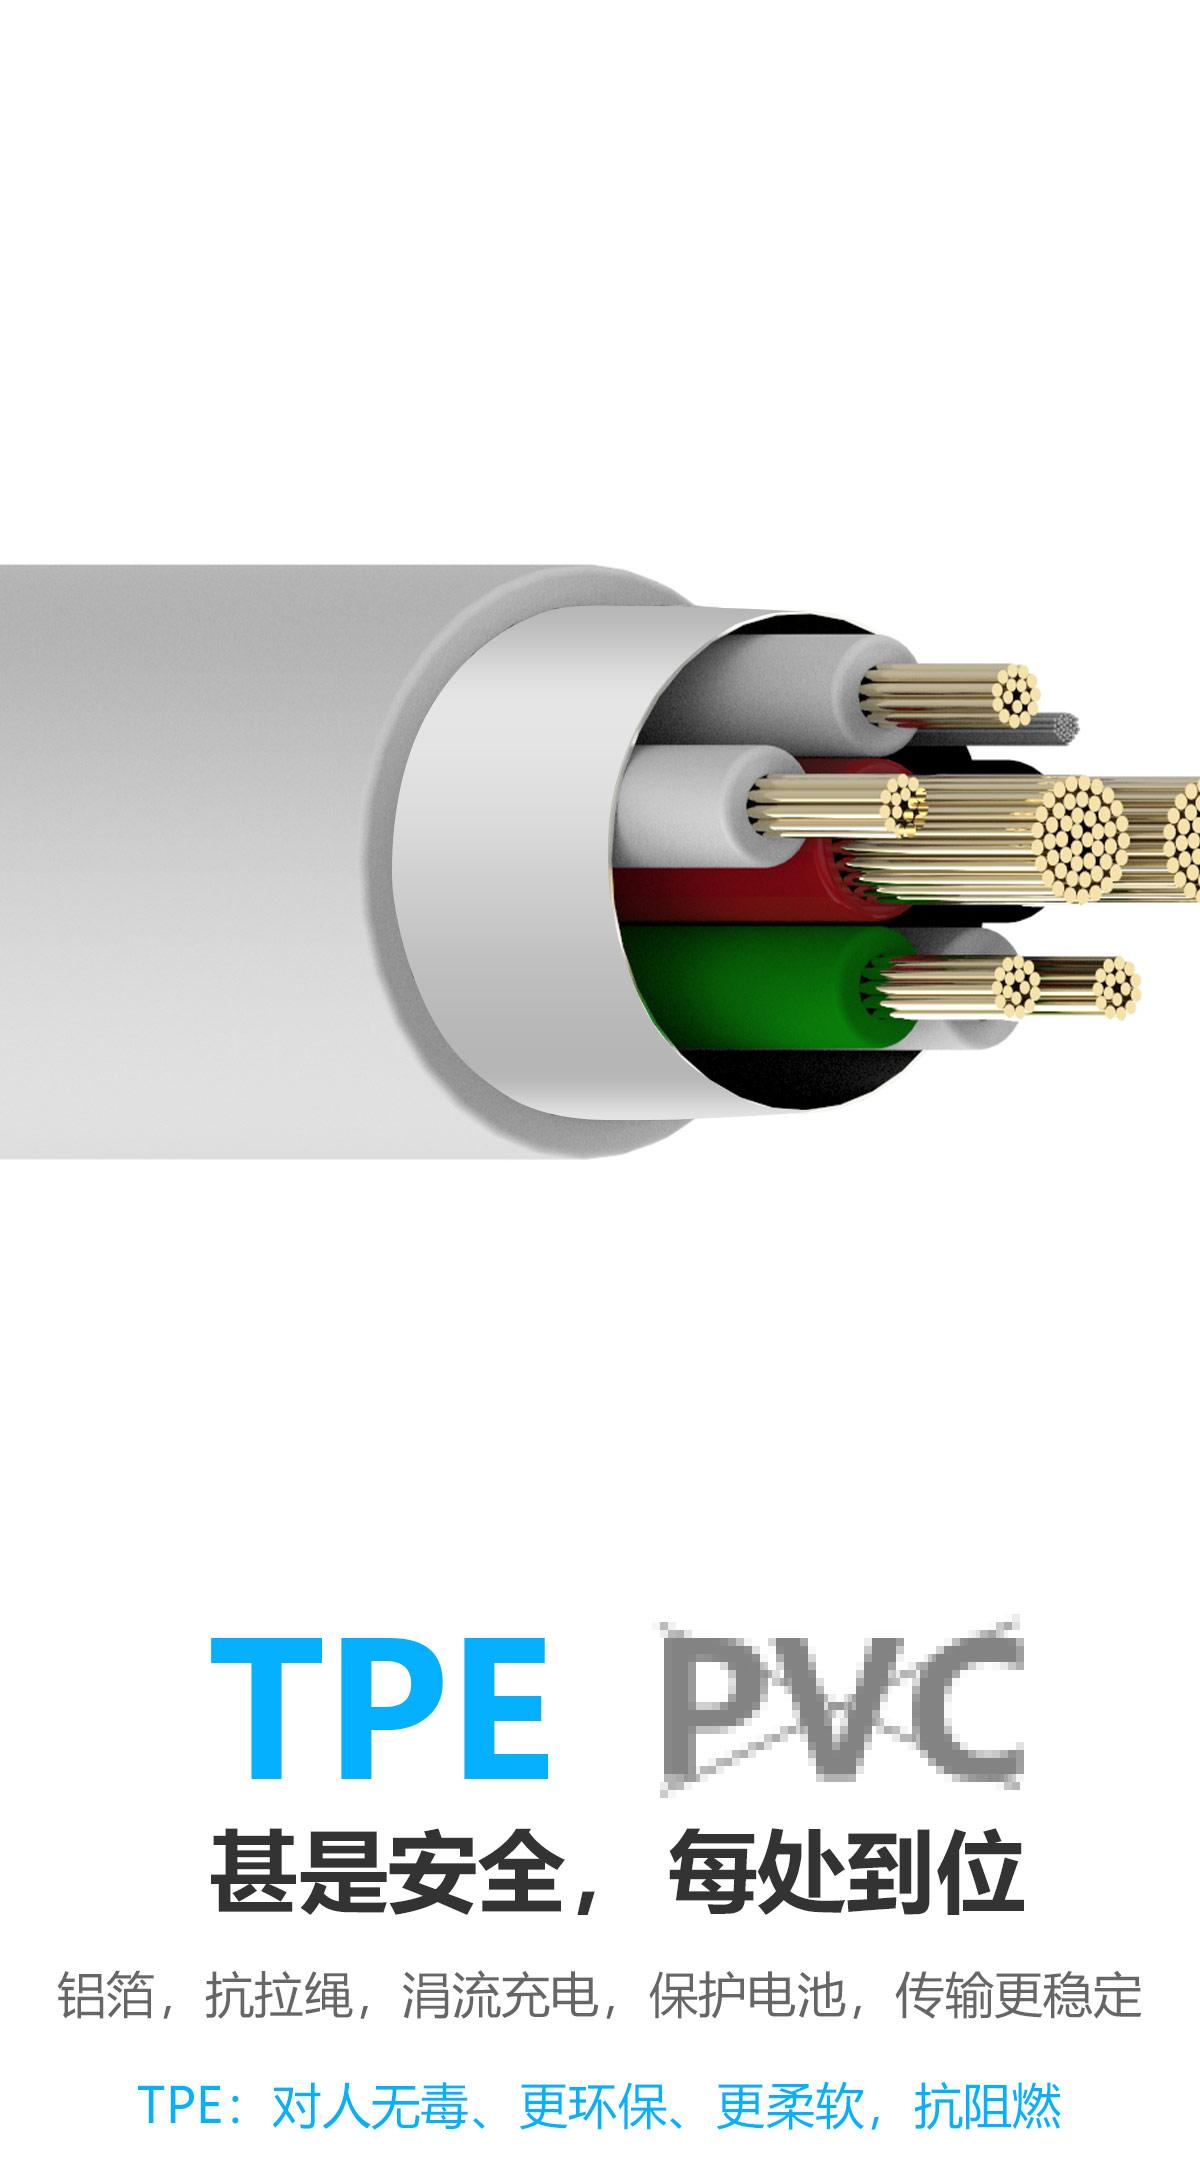 TPE 甚是安全 每处到位 铝箔 抗拉绳 涓流充电 保护电池 传输跟稳定 TPE 对人无毒 更环保 更柔软 抗阻燃